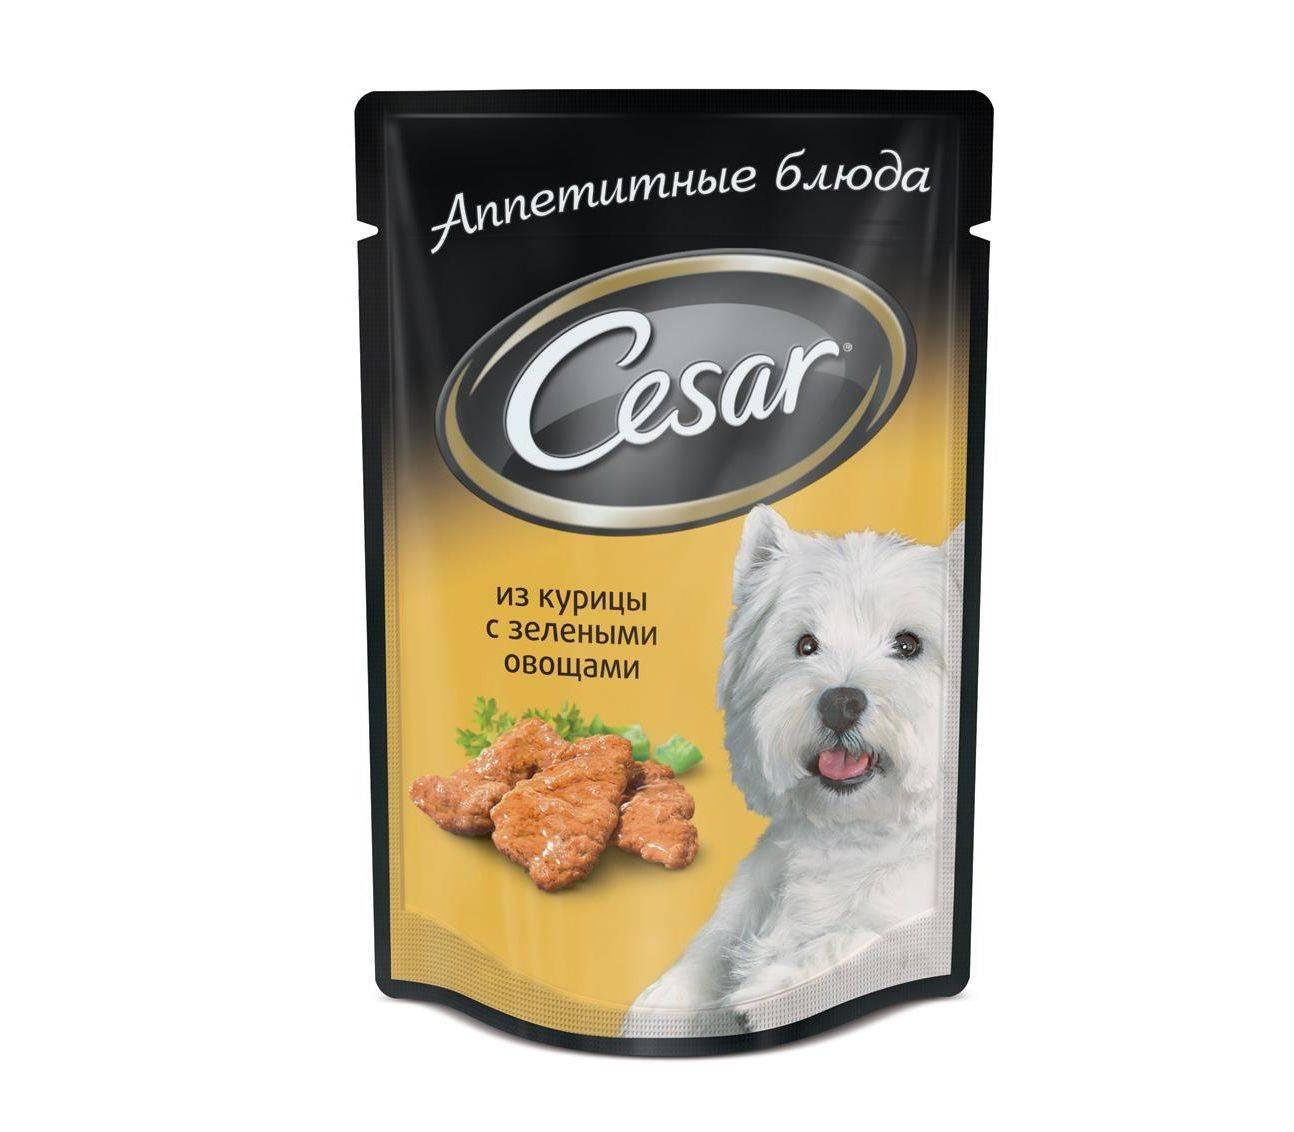 Цезарь — собачий корм супер-премиум класса